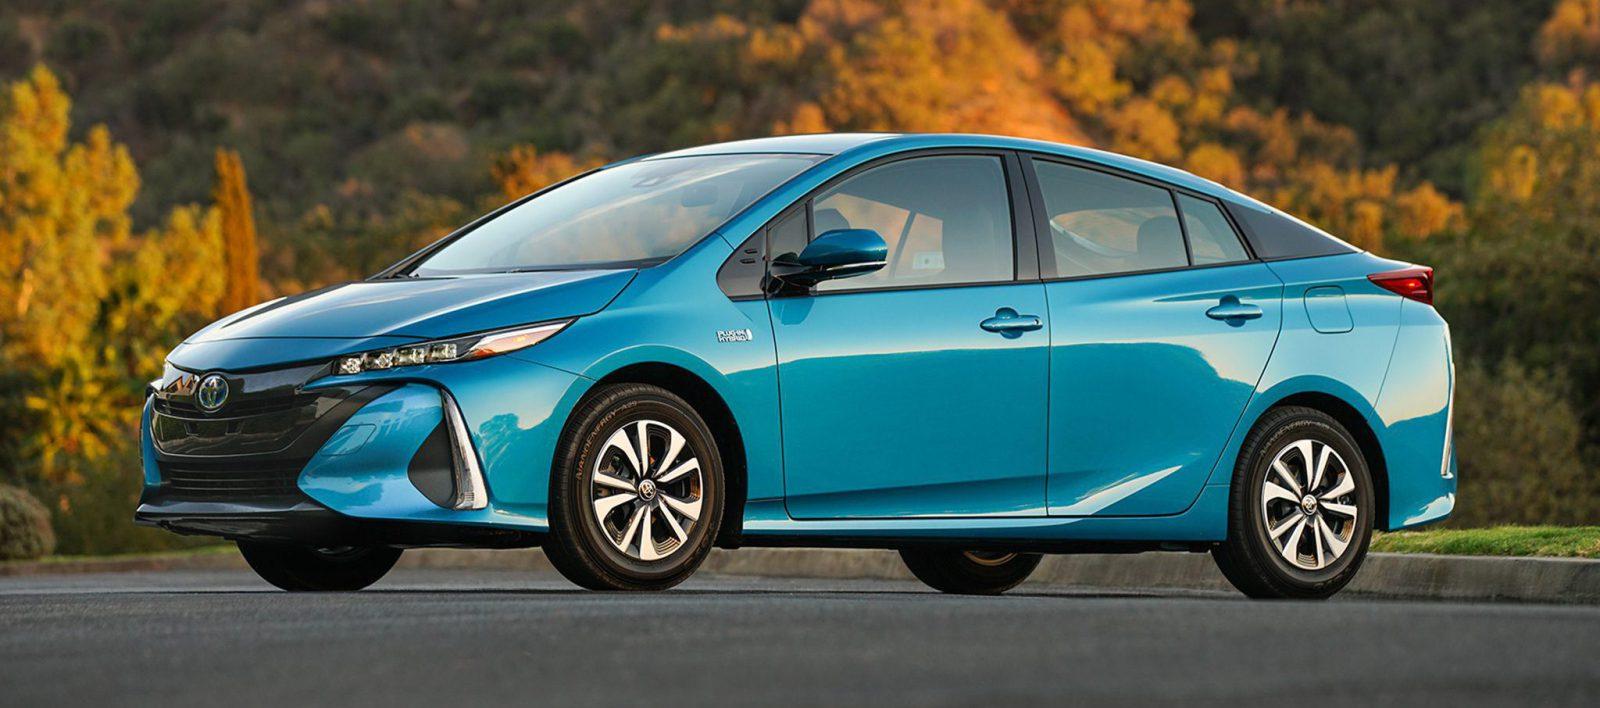 Toyota le pone fecha al motor de combustión: En 2050 estará muerto y enterrado